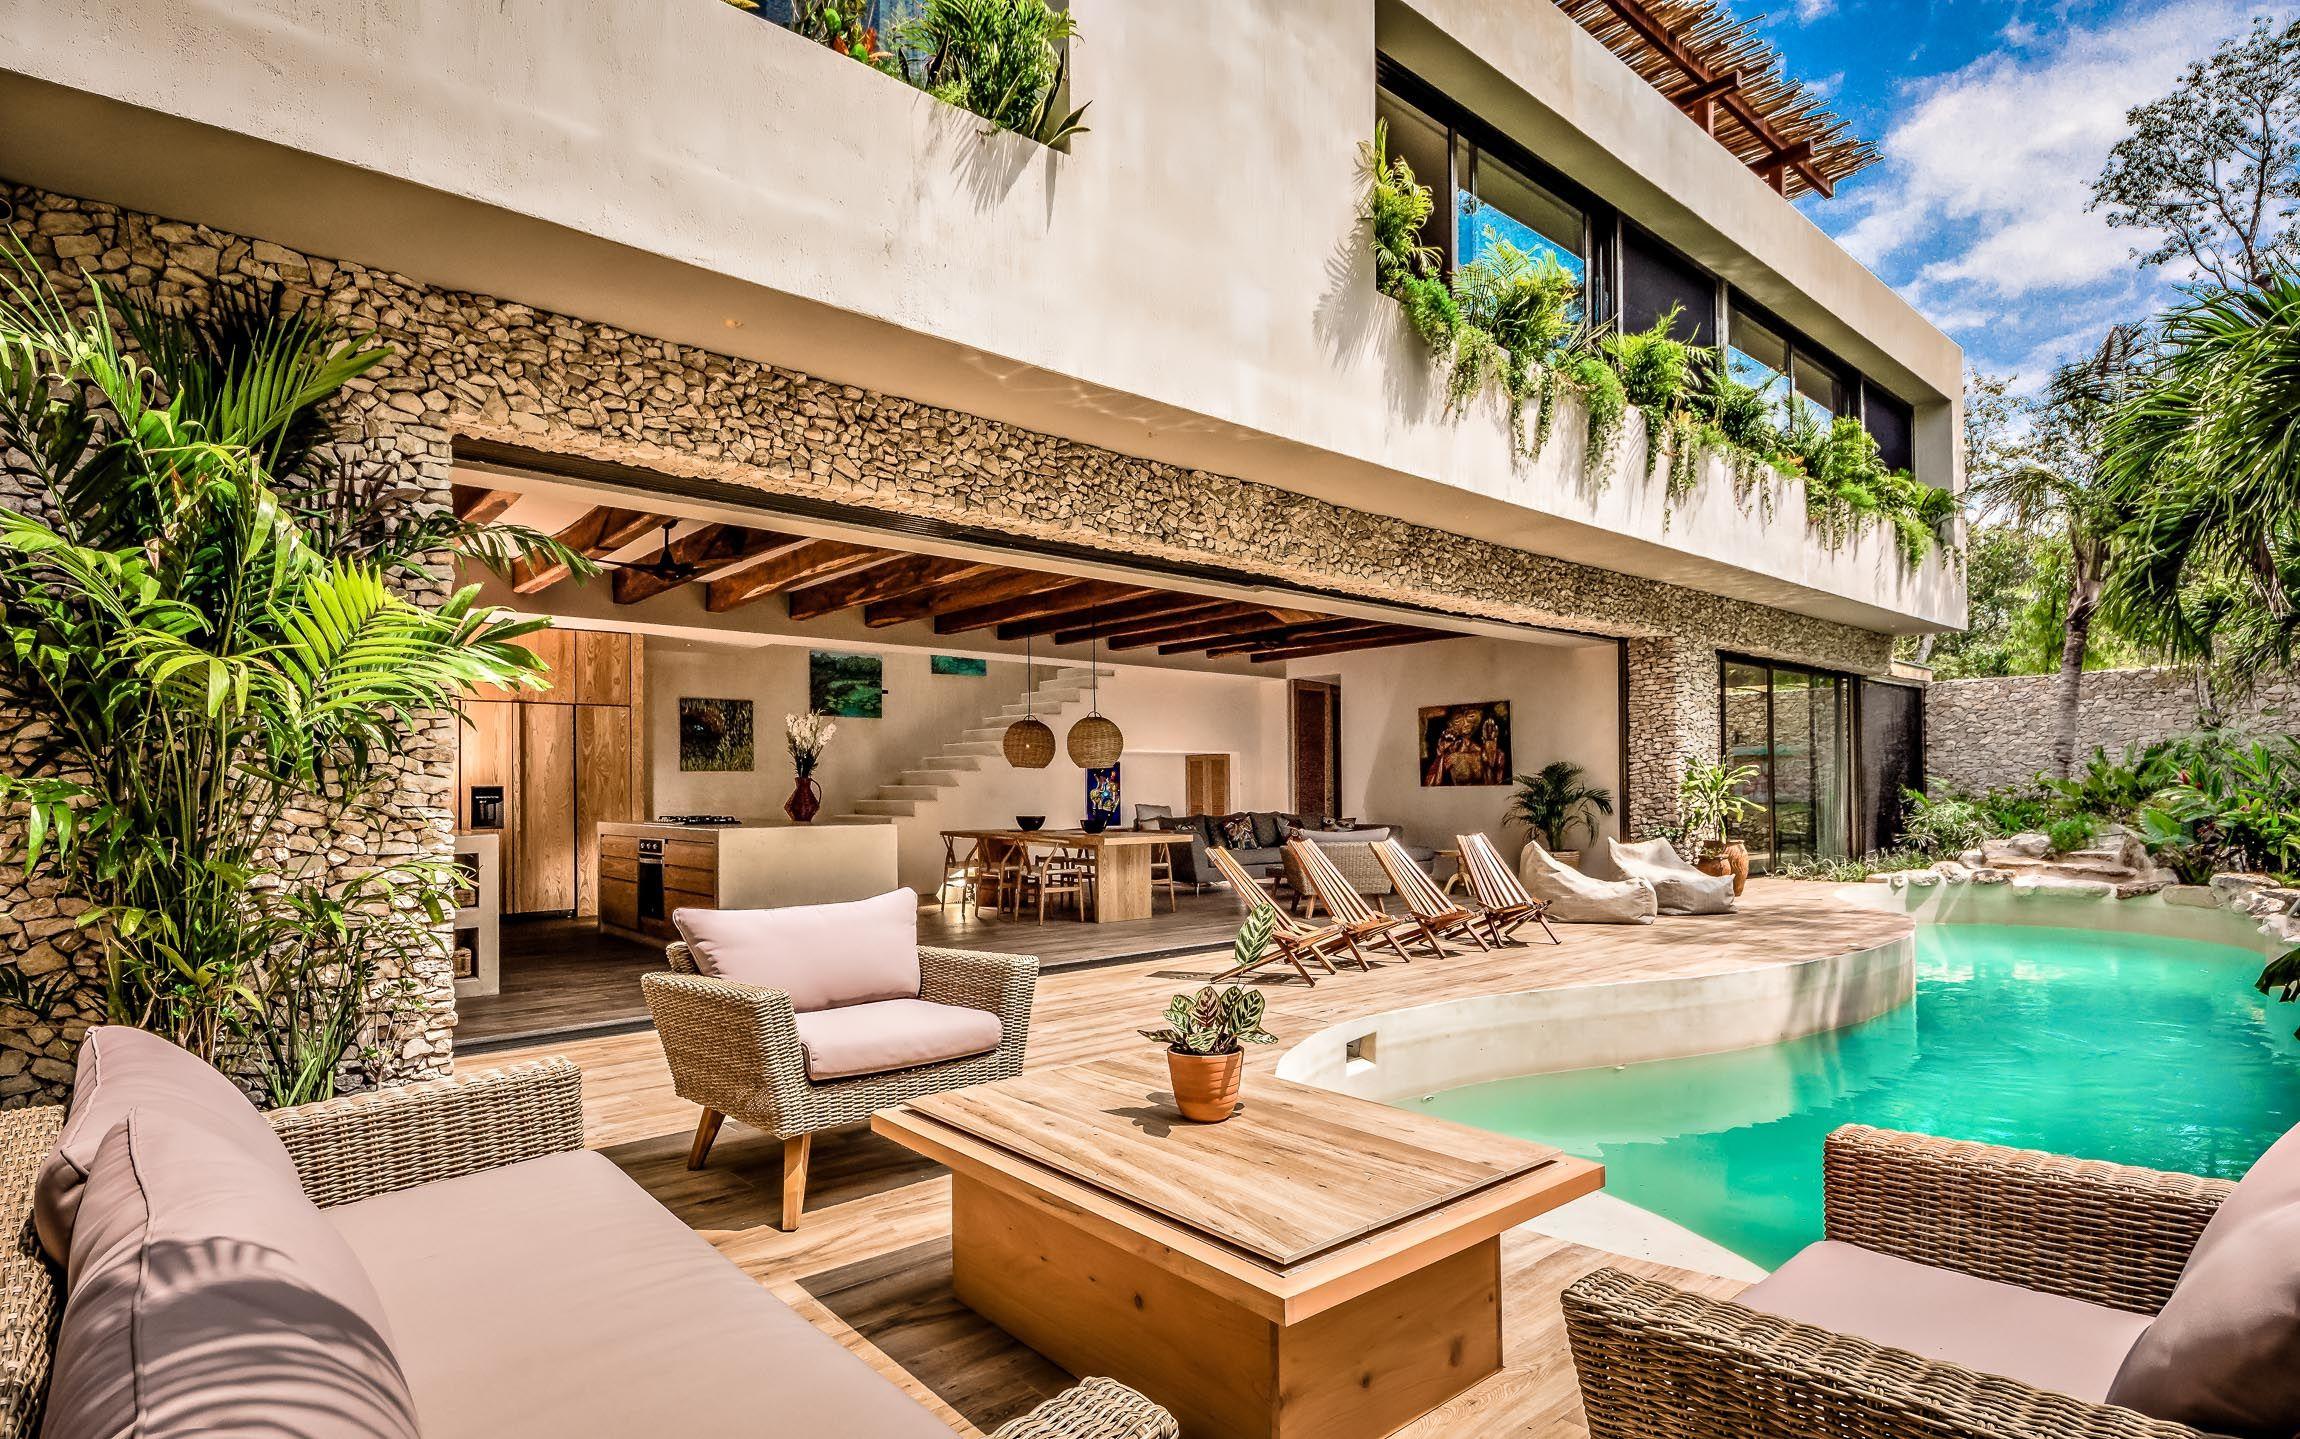 Villa Verde Luxury Retreats Luxury villa rentals